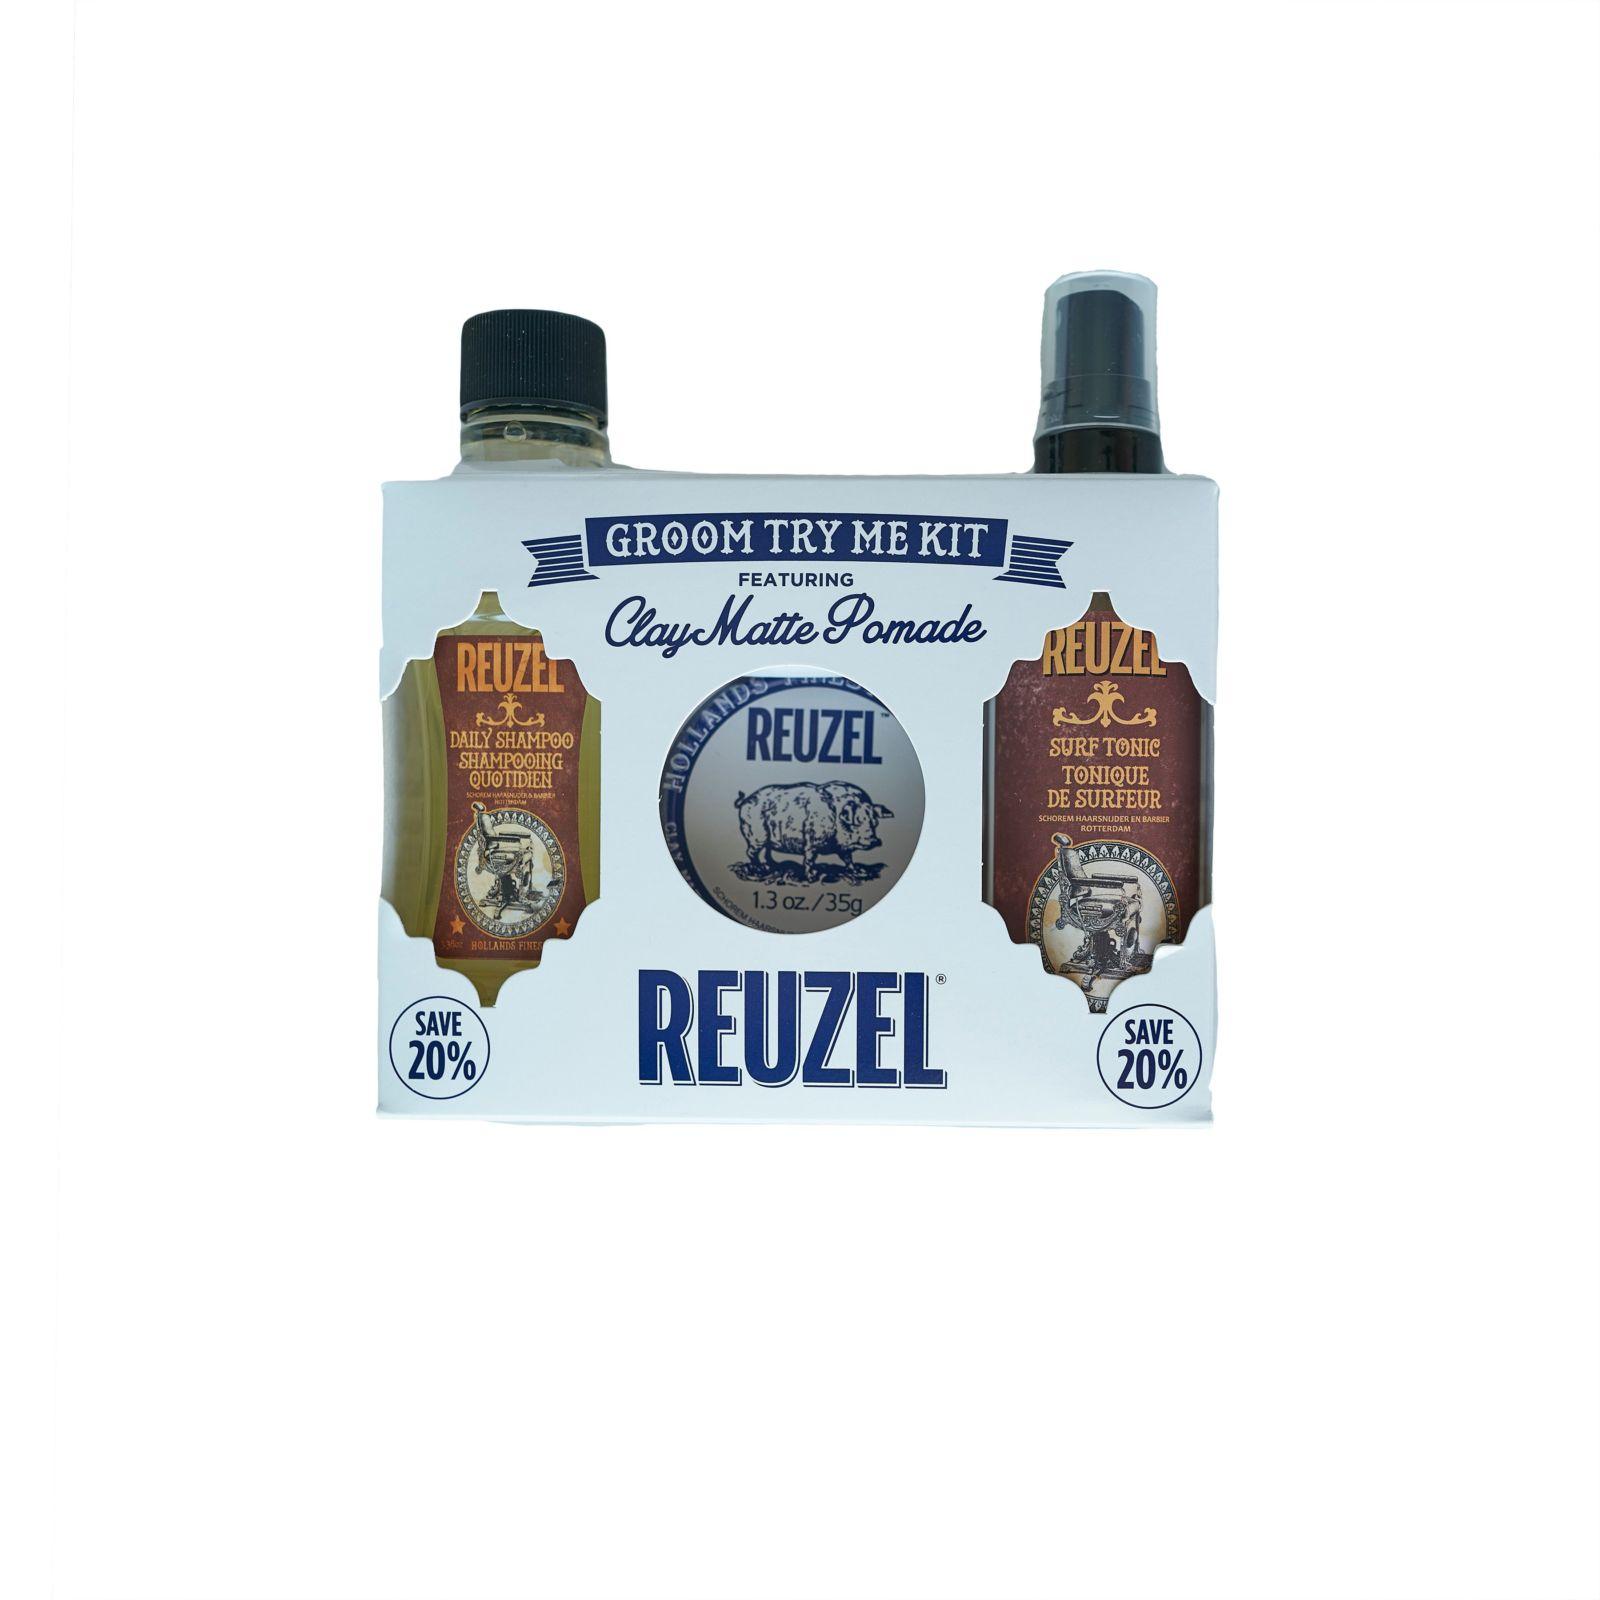 Tuotekuva: Reuzel Try Me Kit -Daily Shampoo, Clay Matte Pomade & Surf Tonic